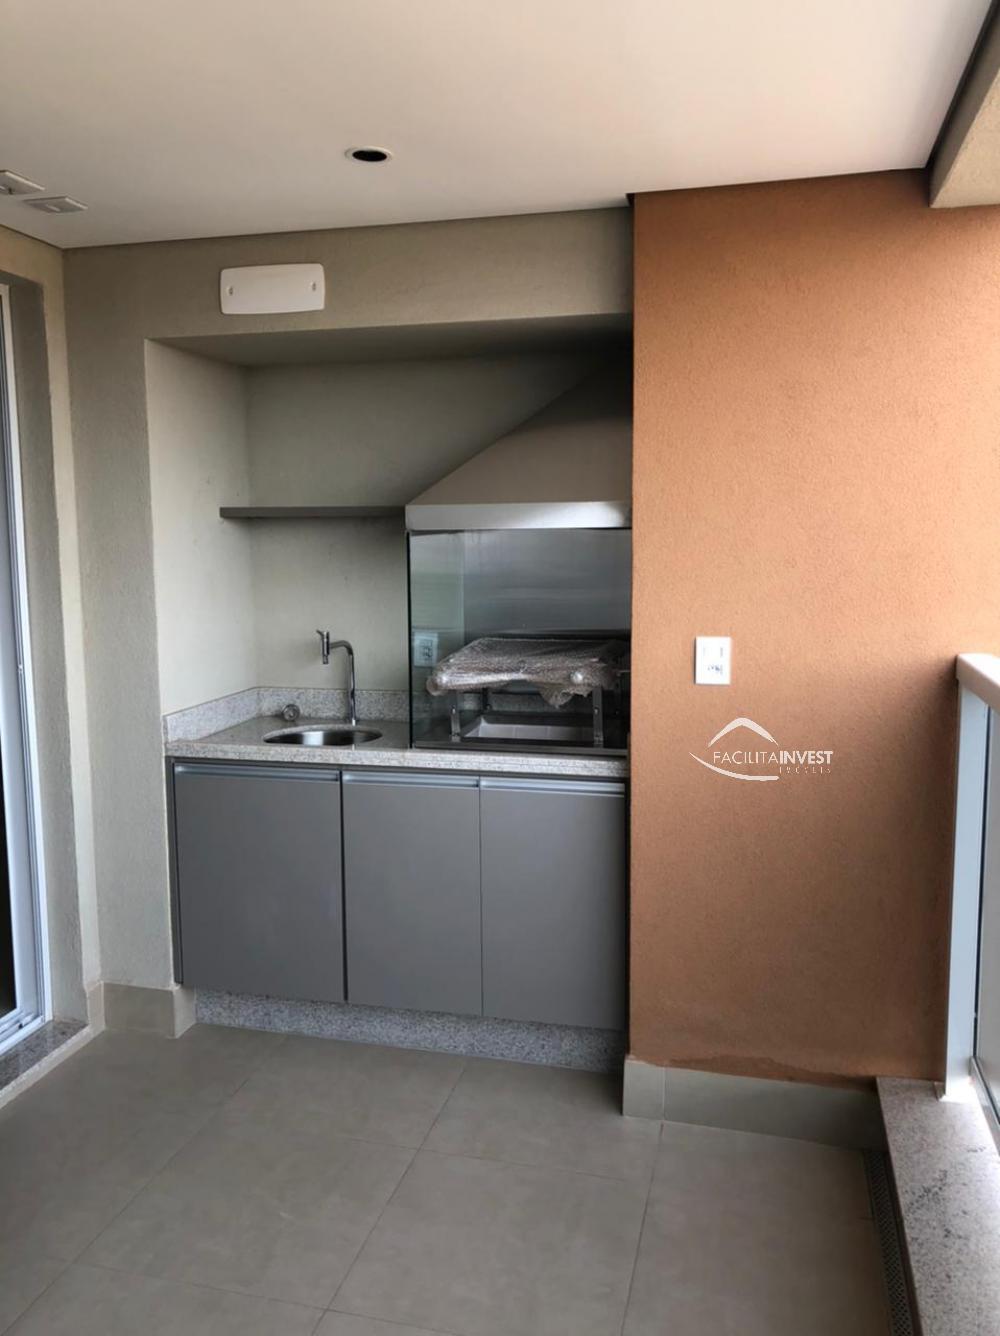 Alugar Apartamentos / Apart. Padrão em Ribeirão Preto R$ 3.200,00 - Foto 9